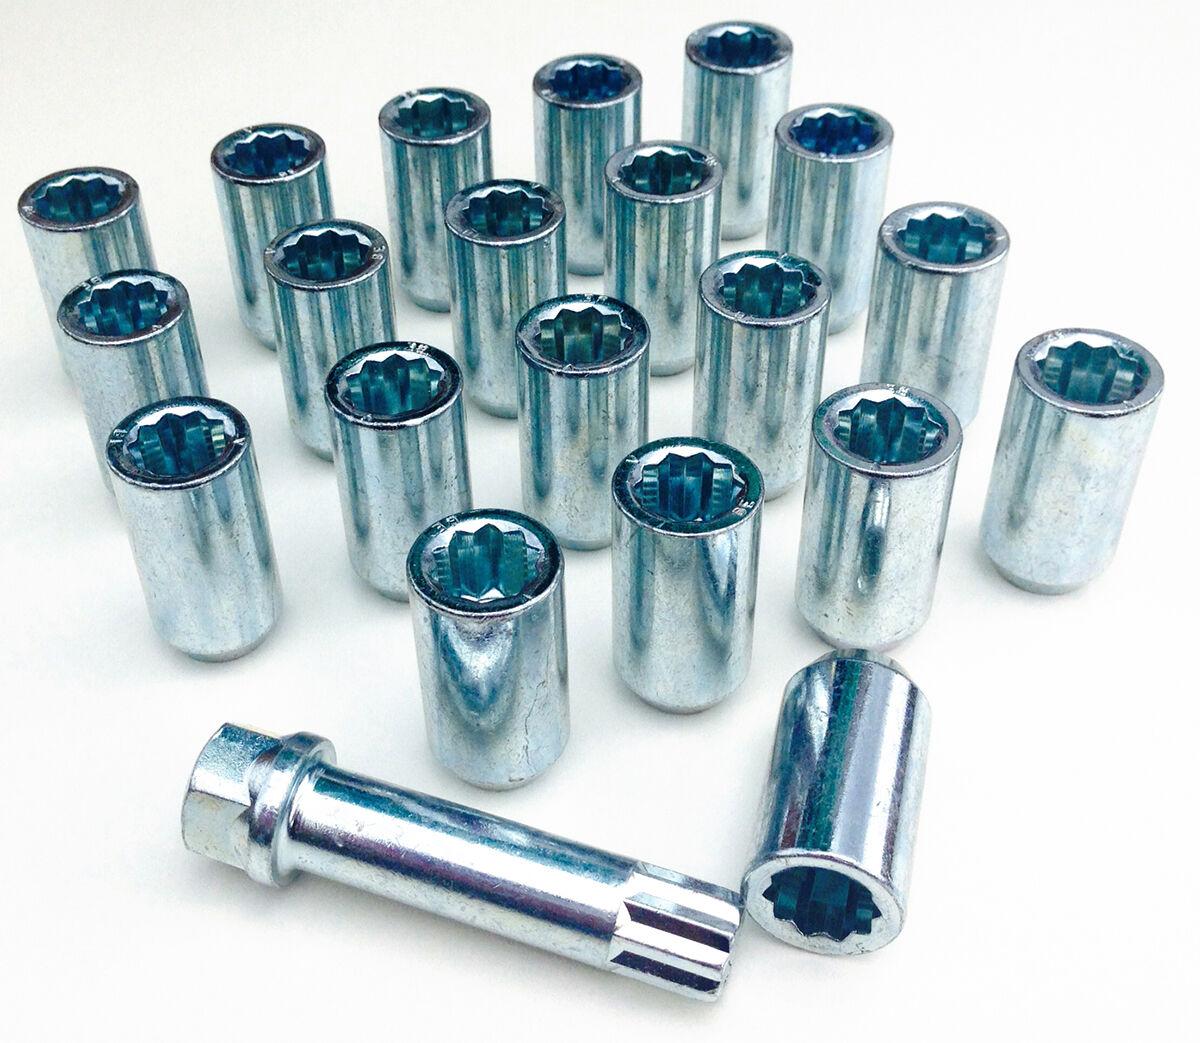 17mm Hex star key M14 x 1.5 Taper seat x 5 wheel Tuner Slim nuts bolts